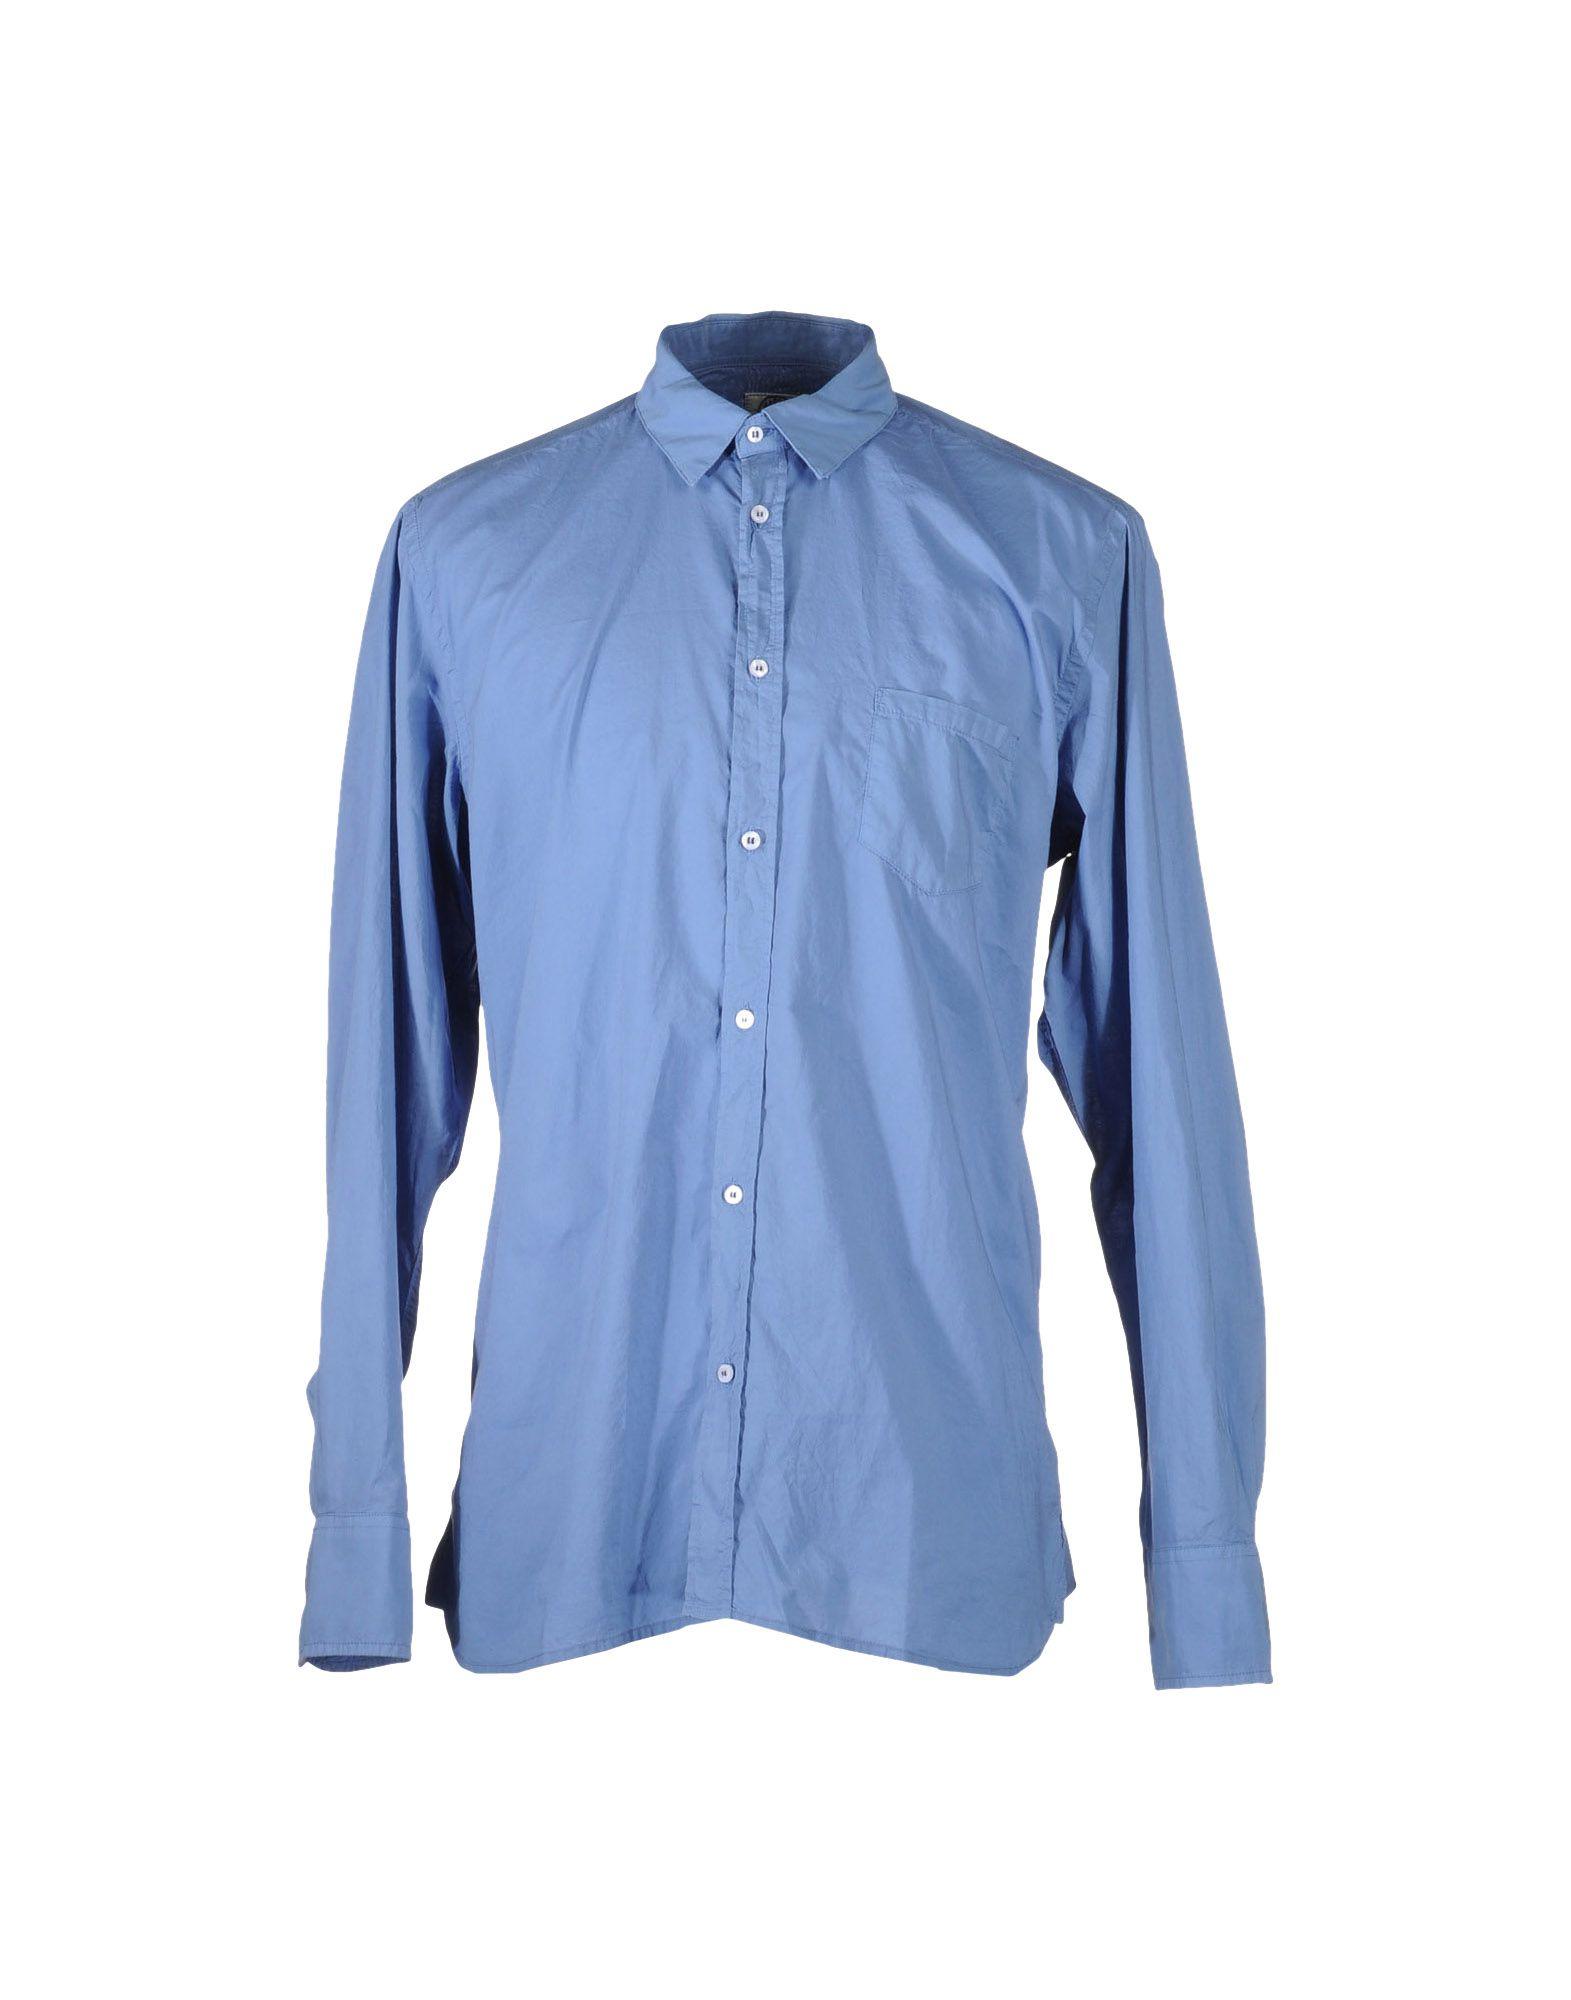 Mason 39 s long sleeve shirt in blue for men pastel blue for Mason s men s shirts